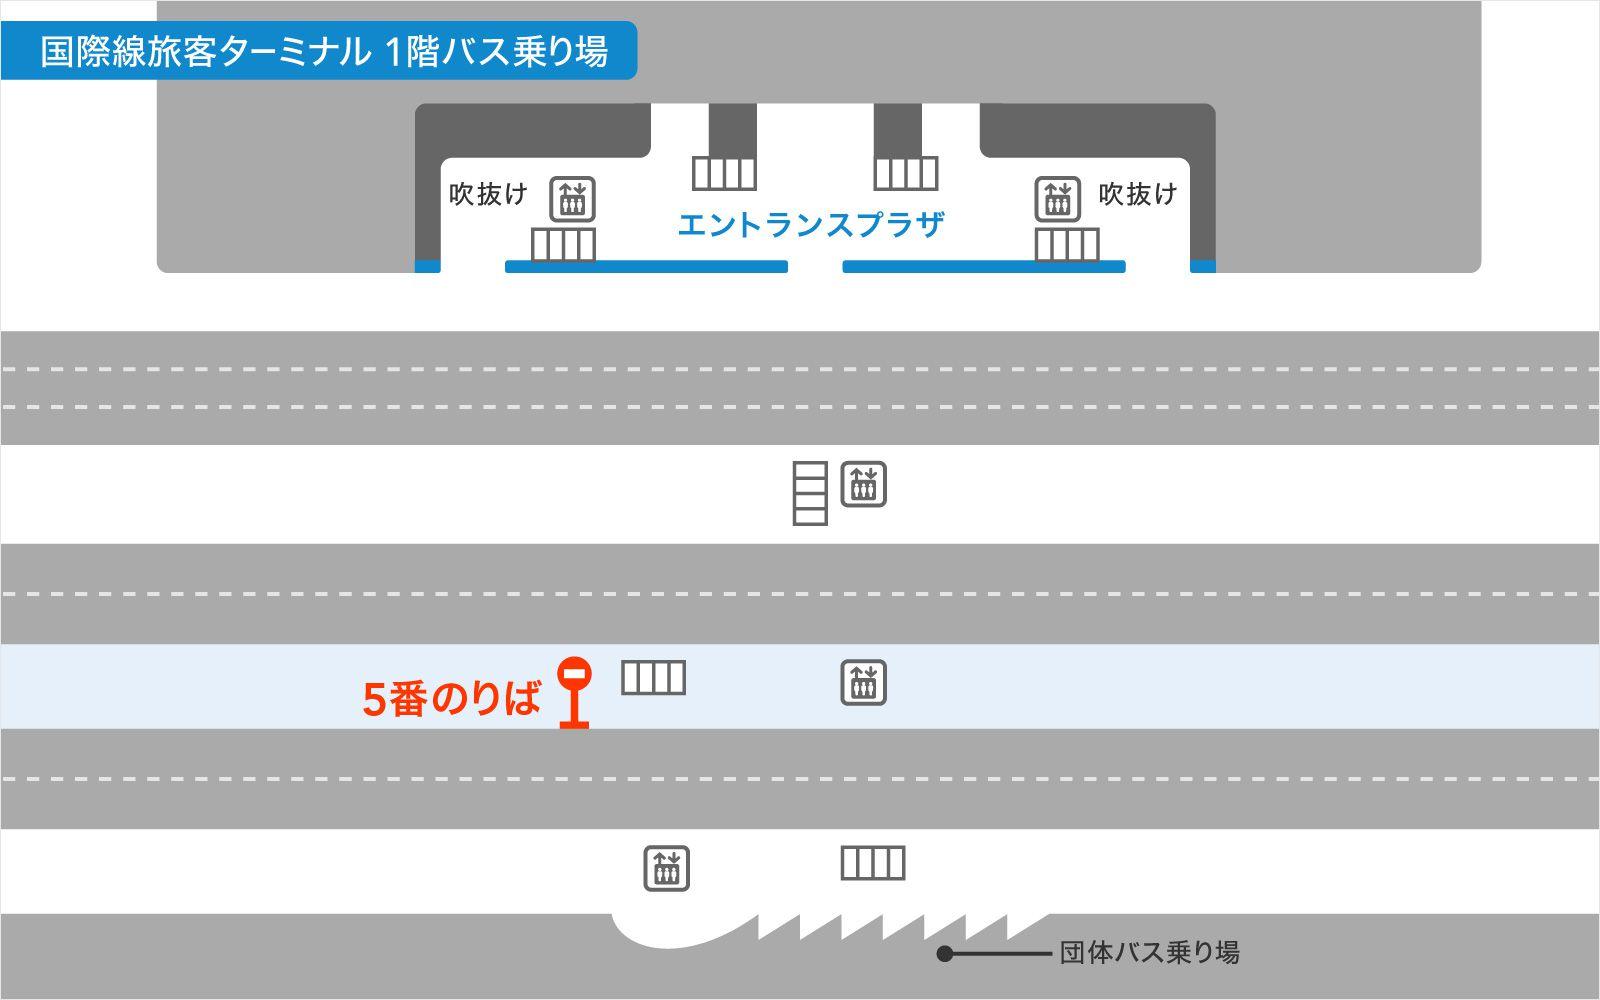 羽田空港国際線ターミナルバス乗り場の画像